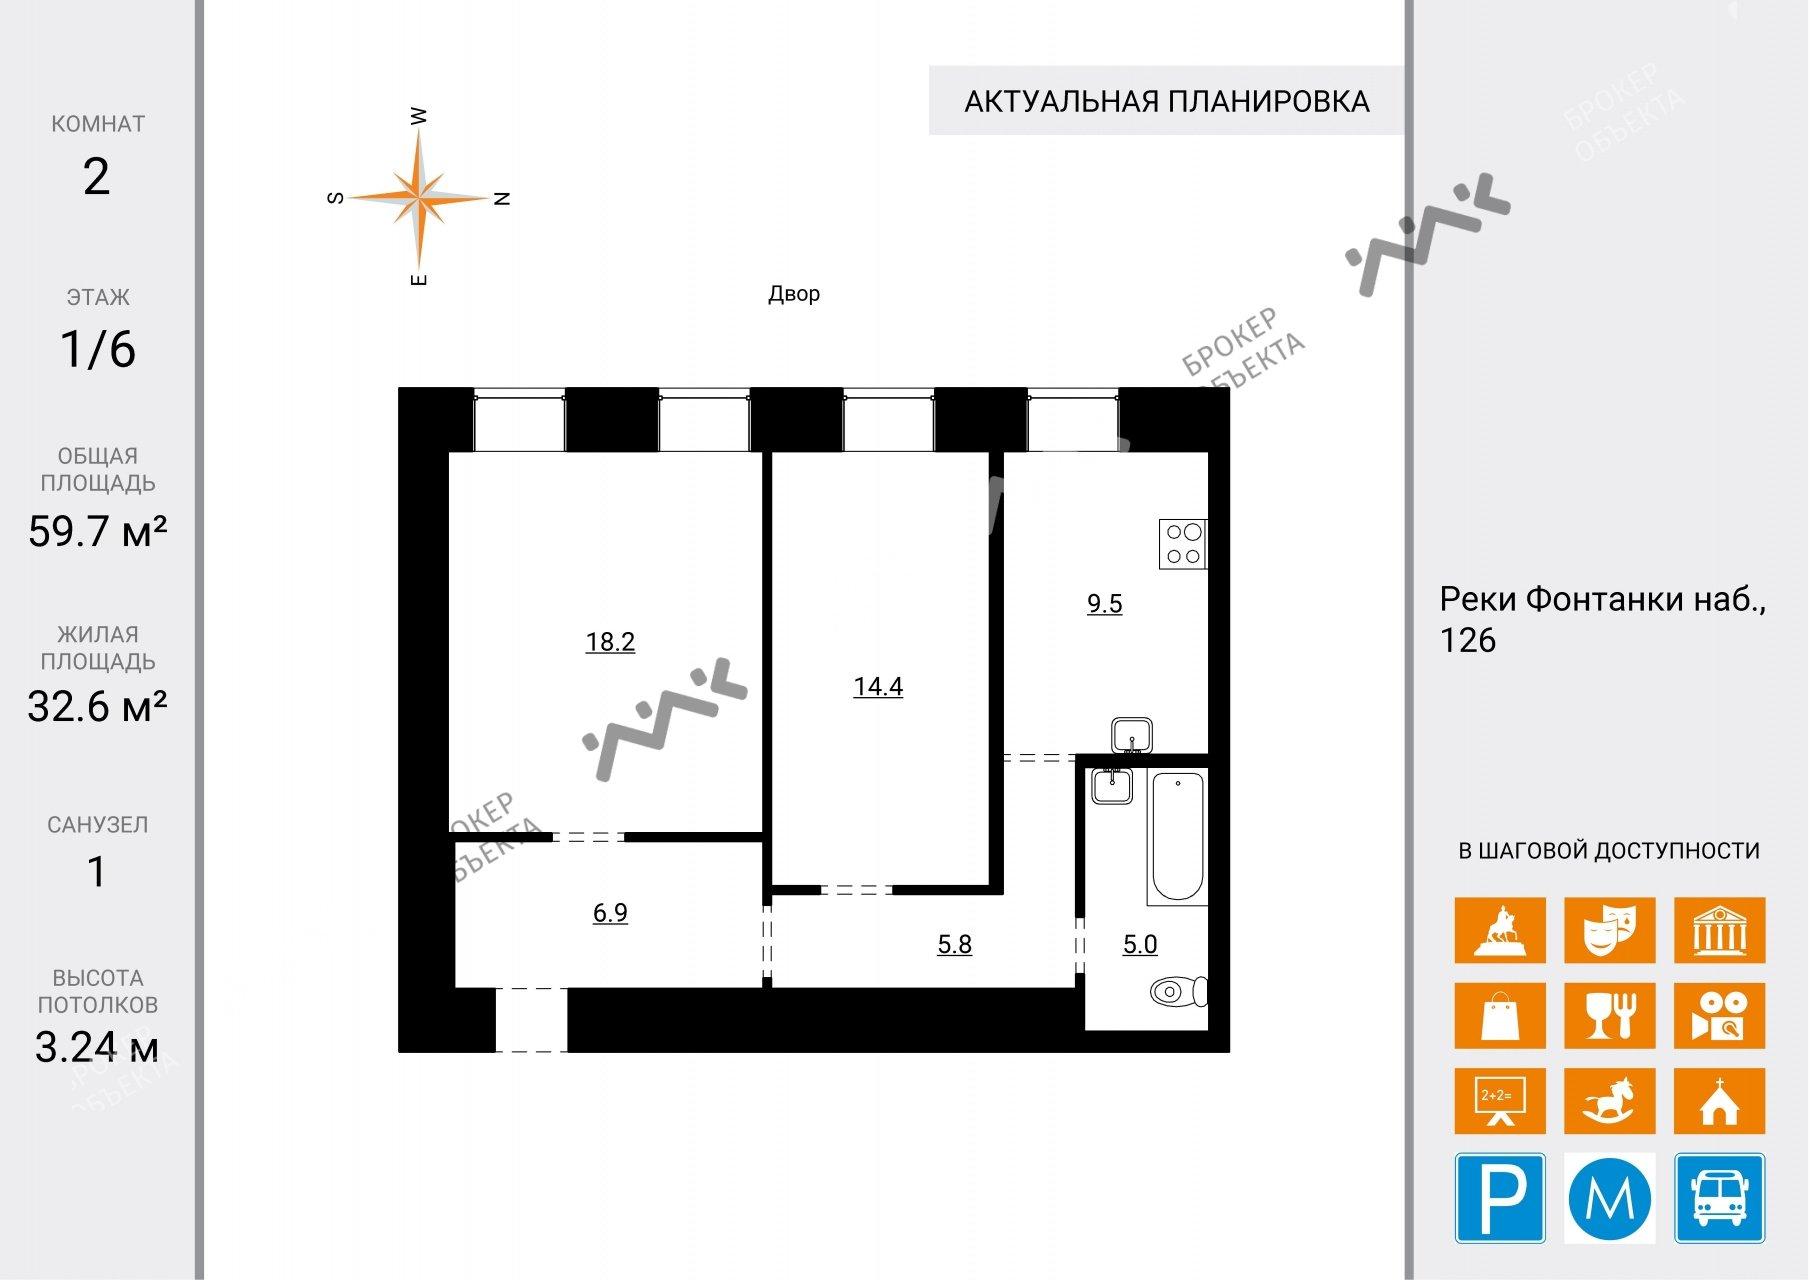 Планировка Реки Фонтанки наб., д.126. Лот № 12451236